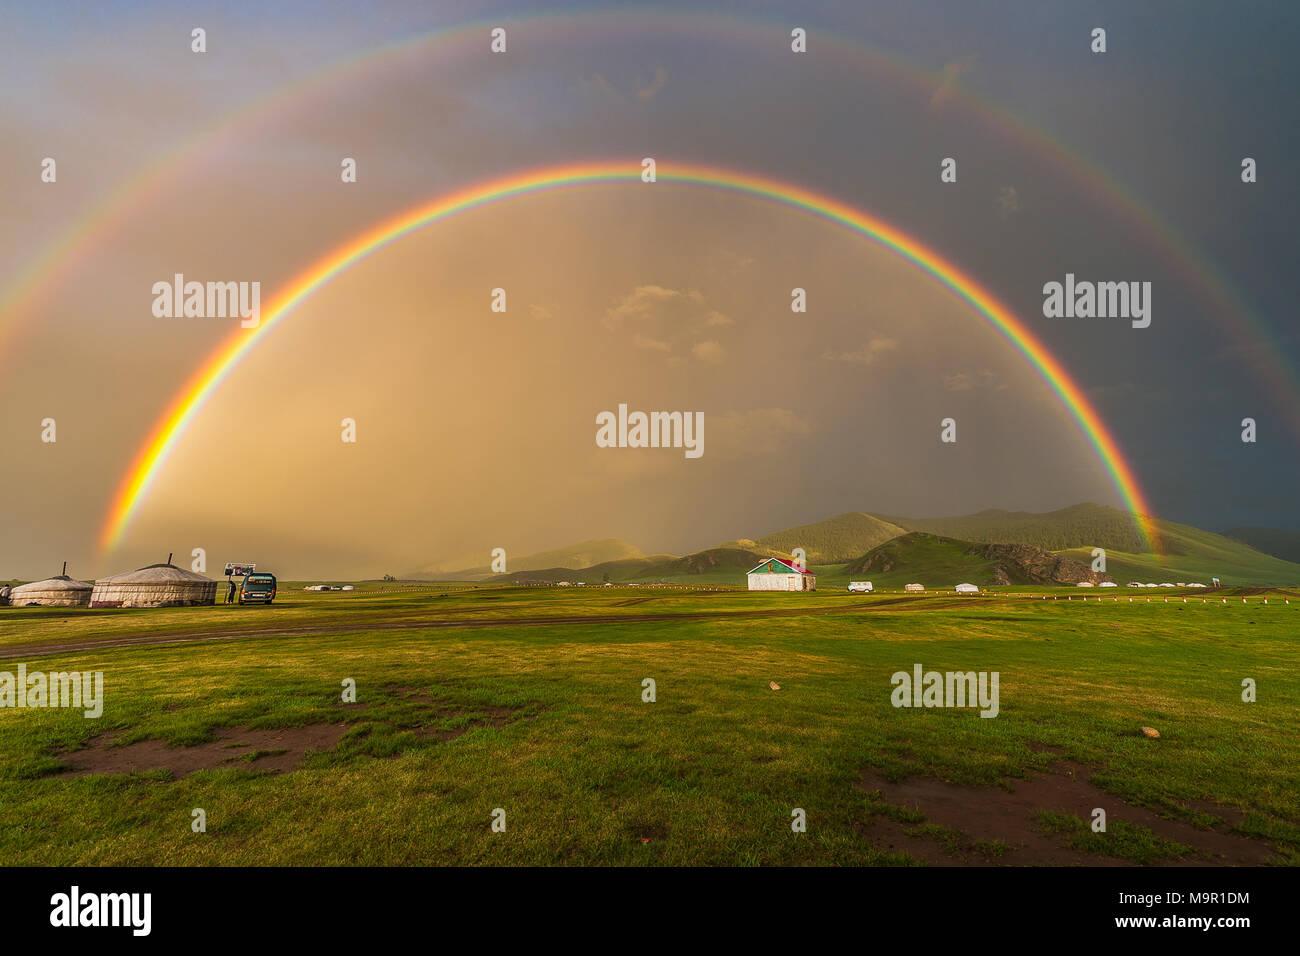 Double arc-en-ciel au-dessus de yourtes nomades dans un paysage verdoyant, la Mongolie Photo Stock